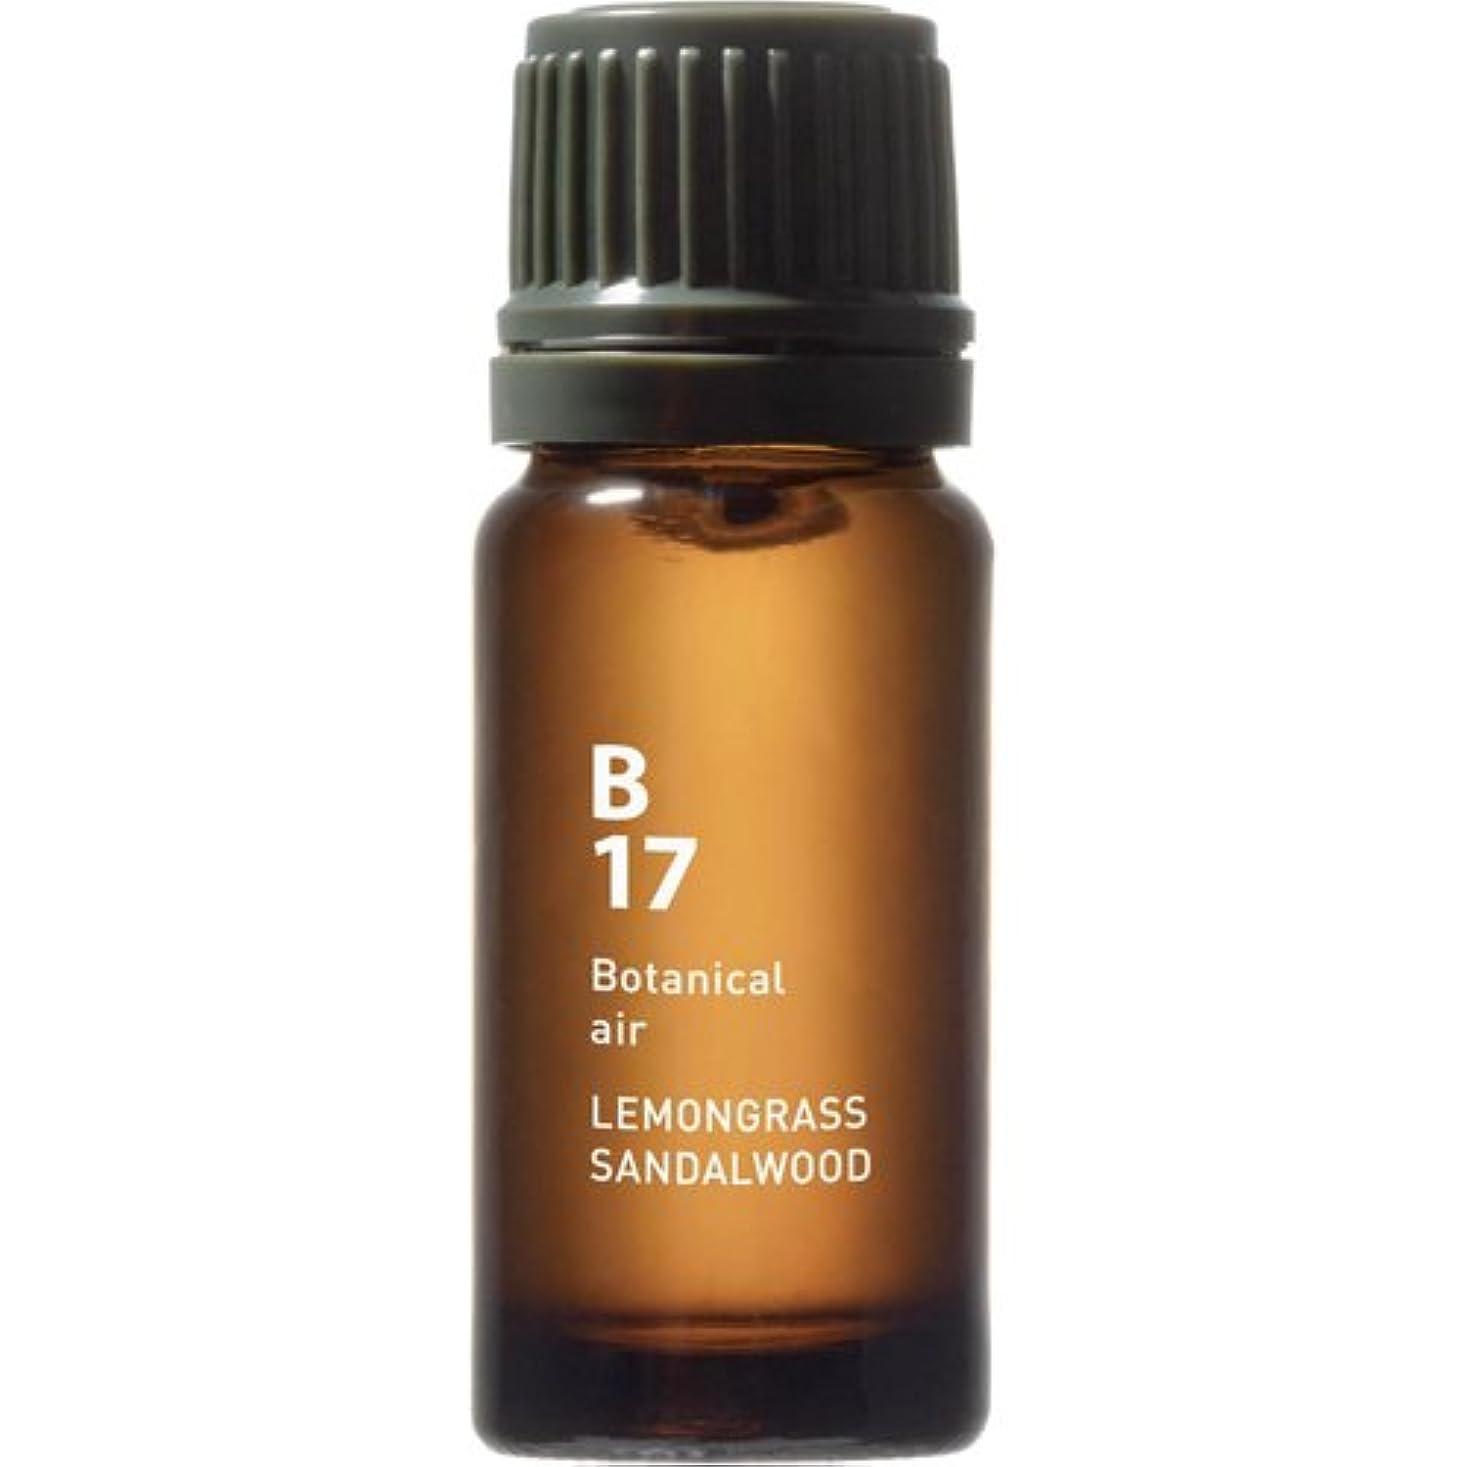 理想的にはボクシングクラフトB17 レモングラスサンダルウッド Botanical air(ボタニカルエアー) 10ml